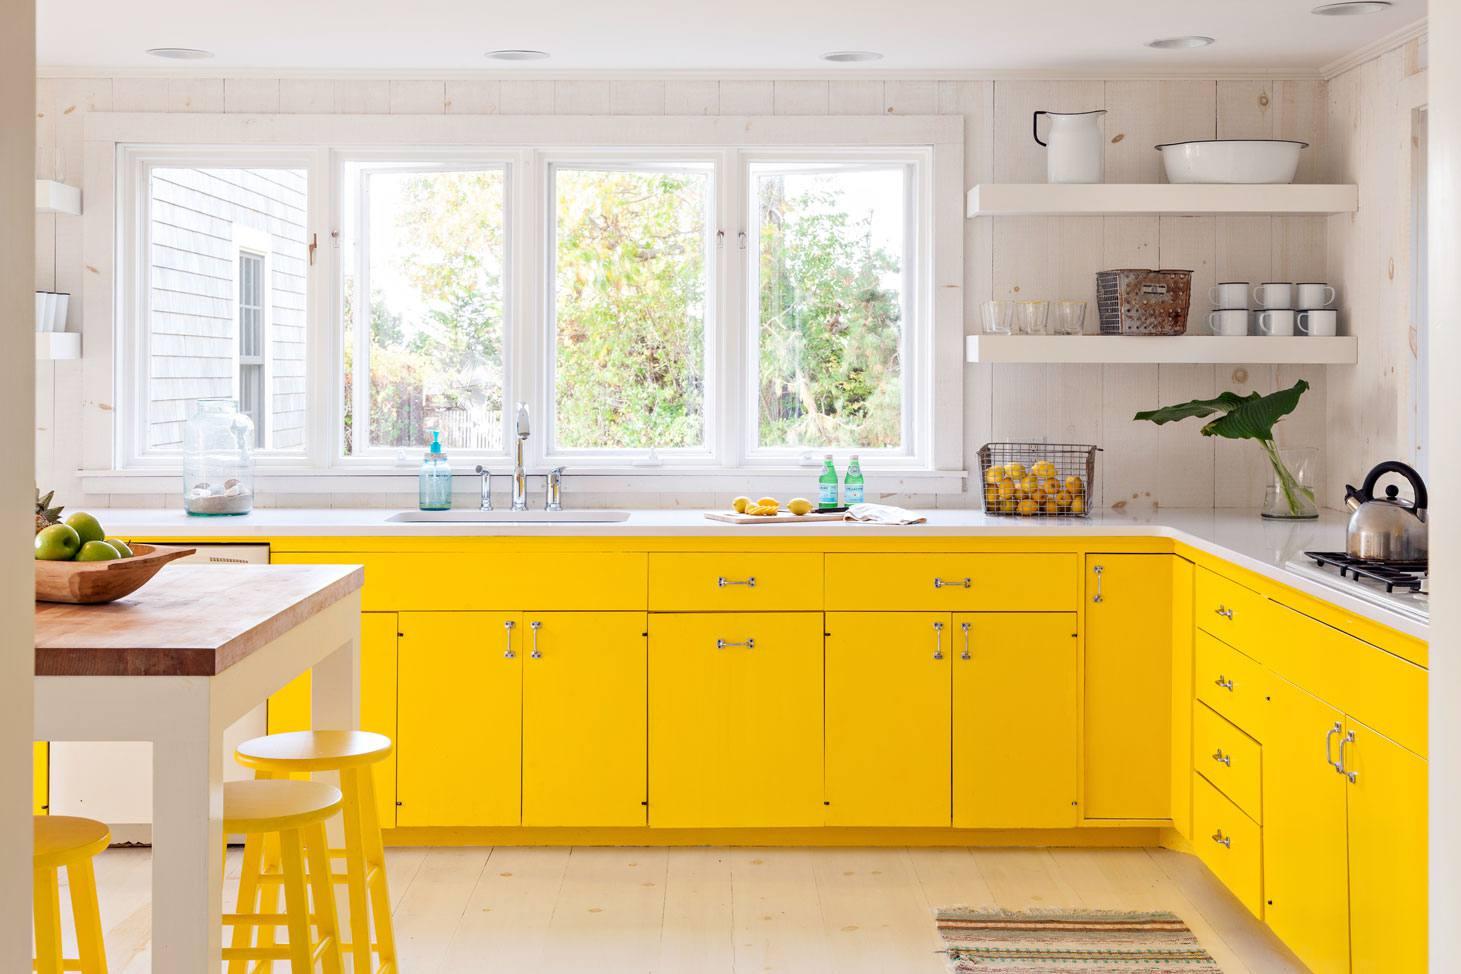 cuisine simple et moderne jaune et blanche